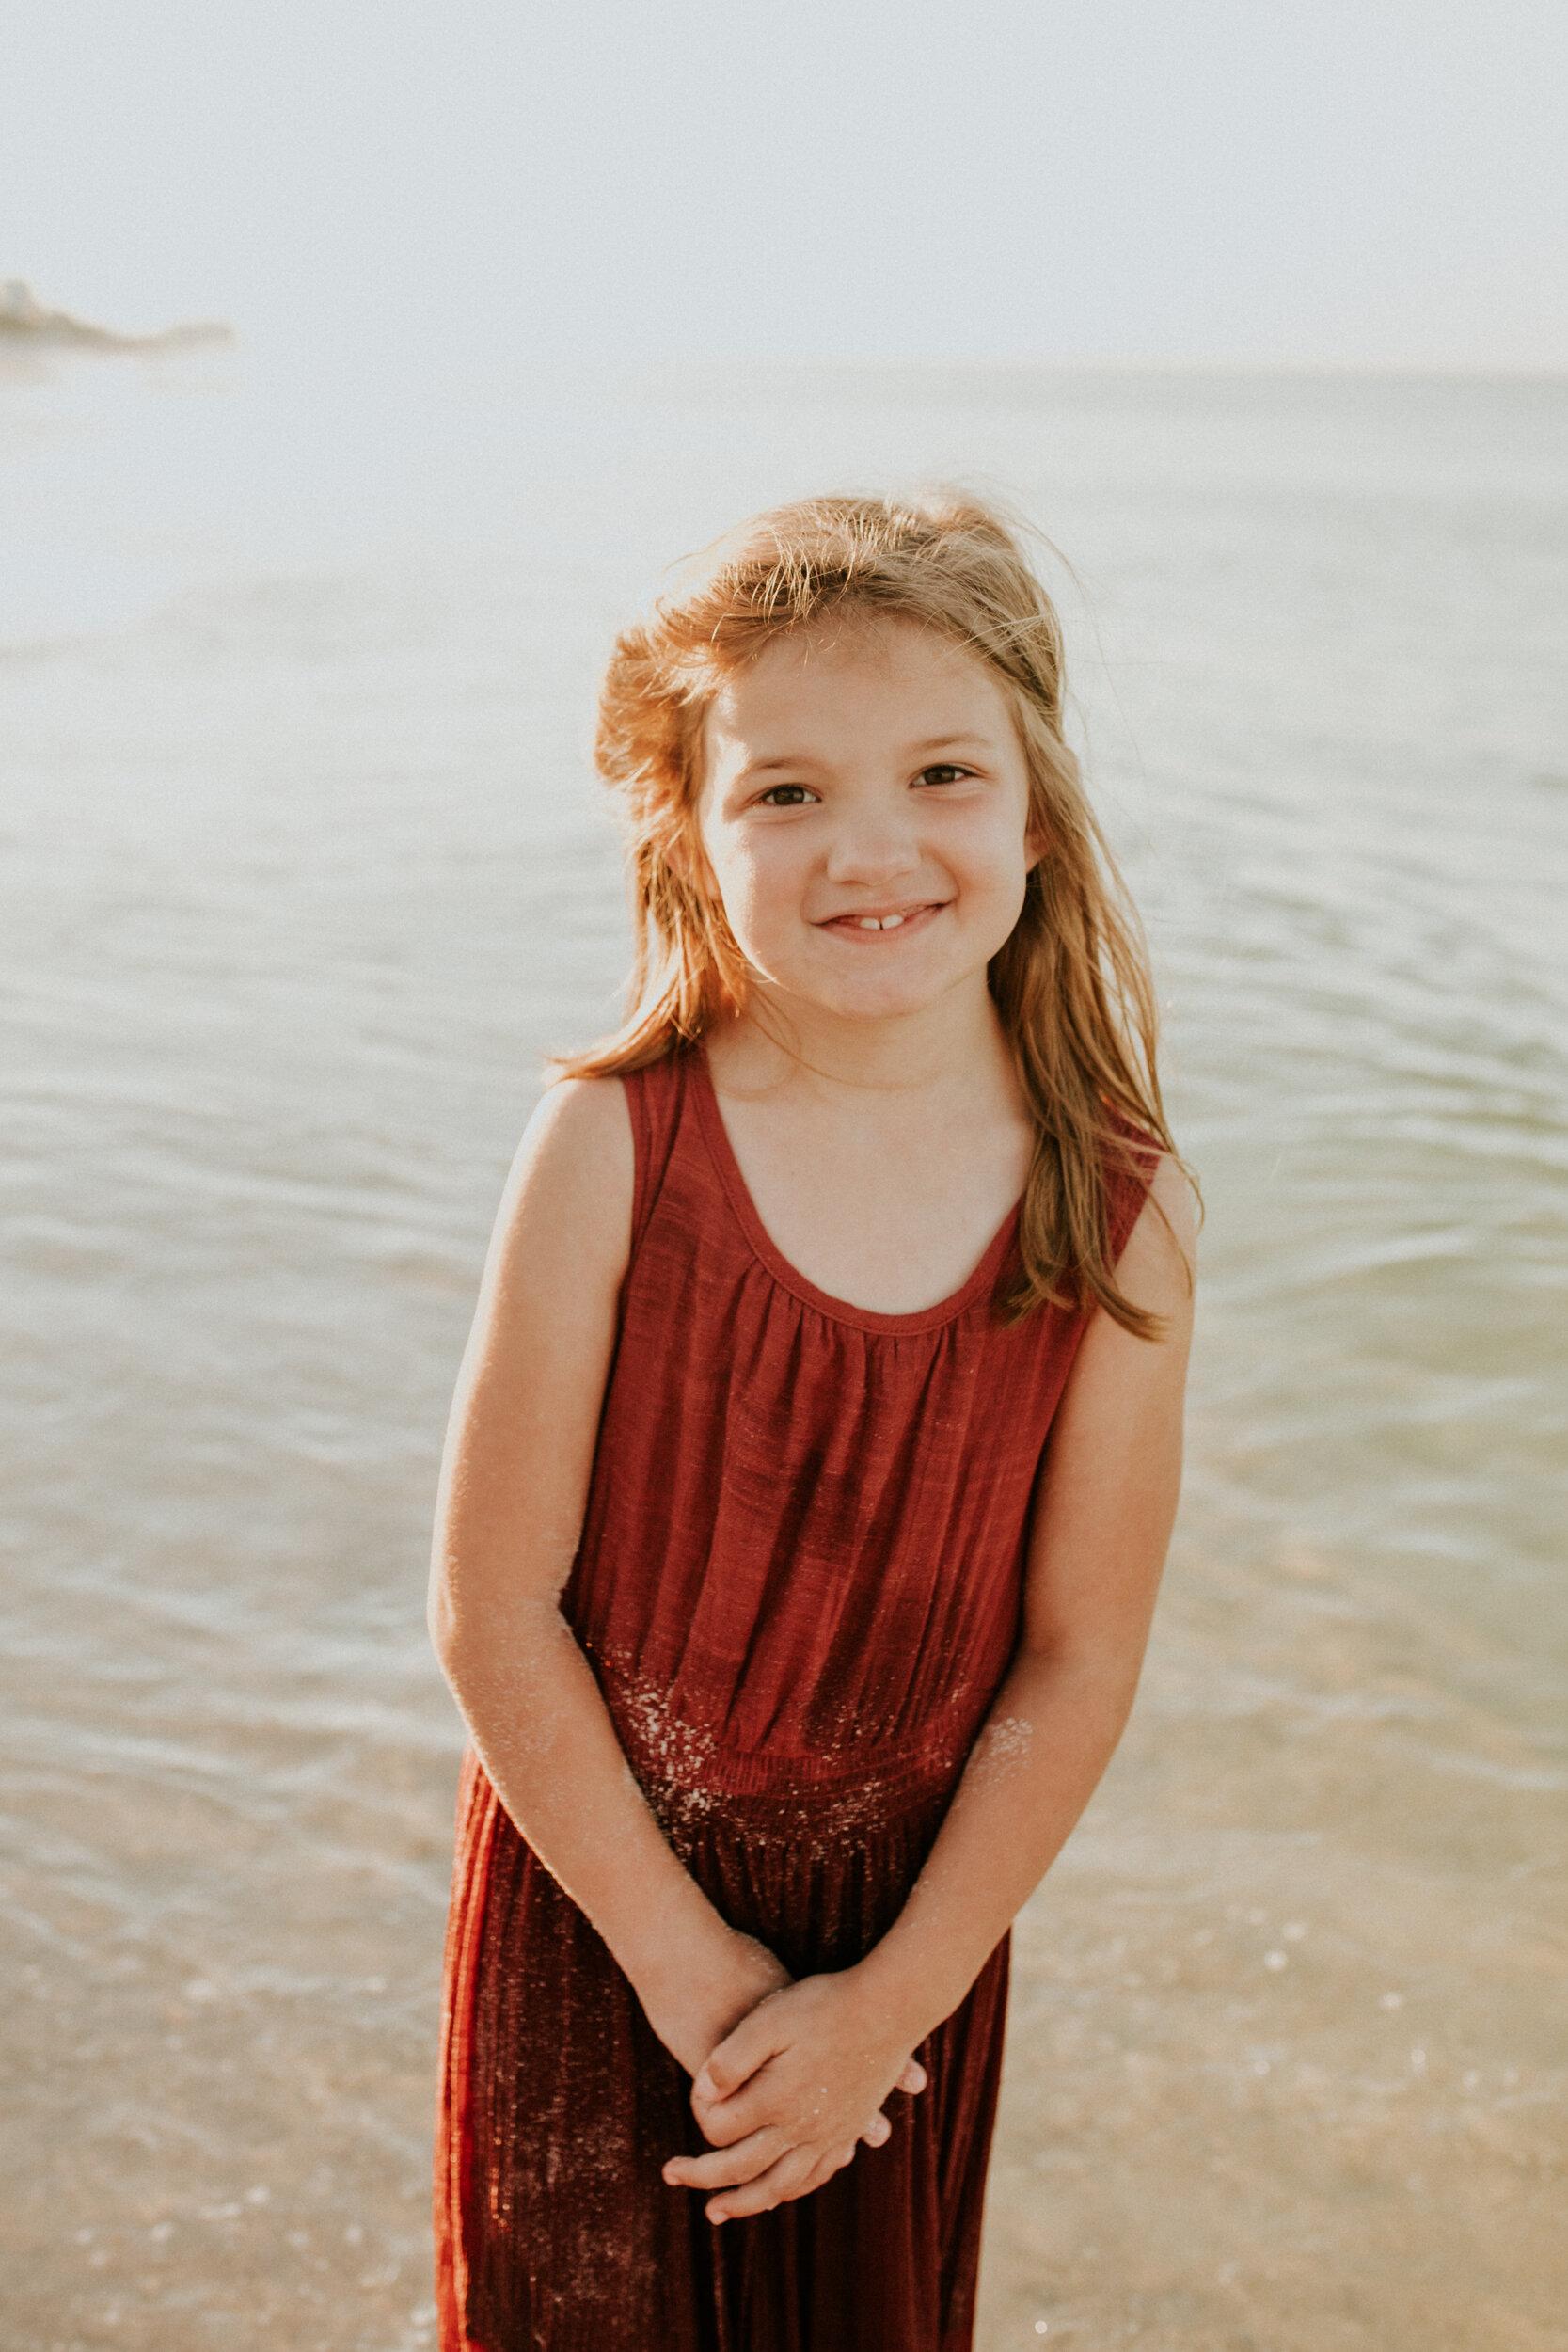 30a_Destin_Rosemary_Beach_Florida_Family_Photographer_Beach_Session-41.jpg